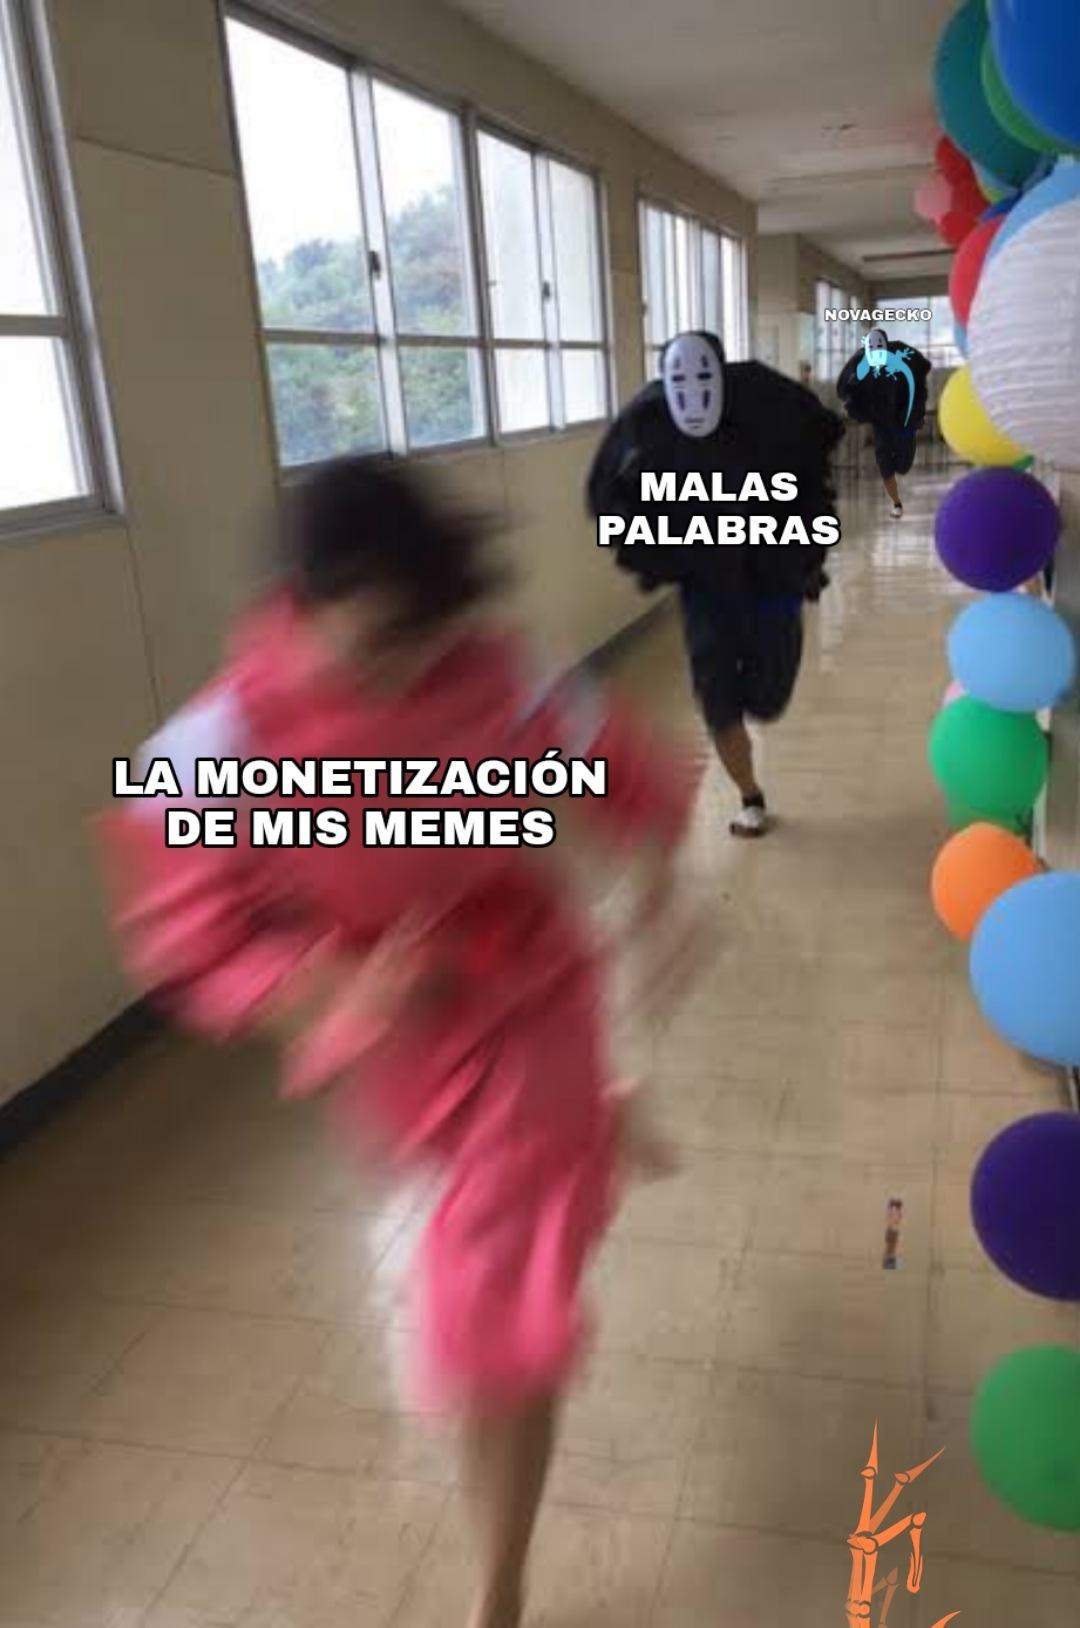 Nooooo, me desmonetizaron el meme